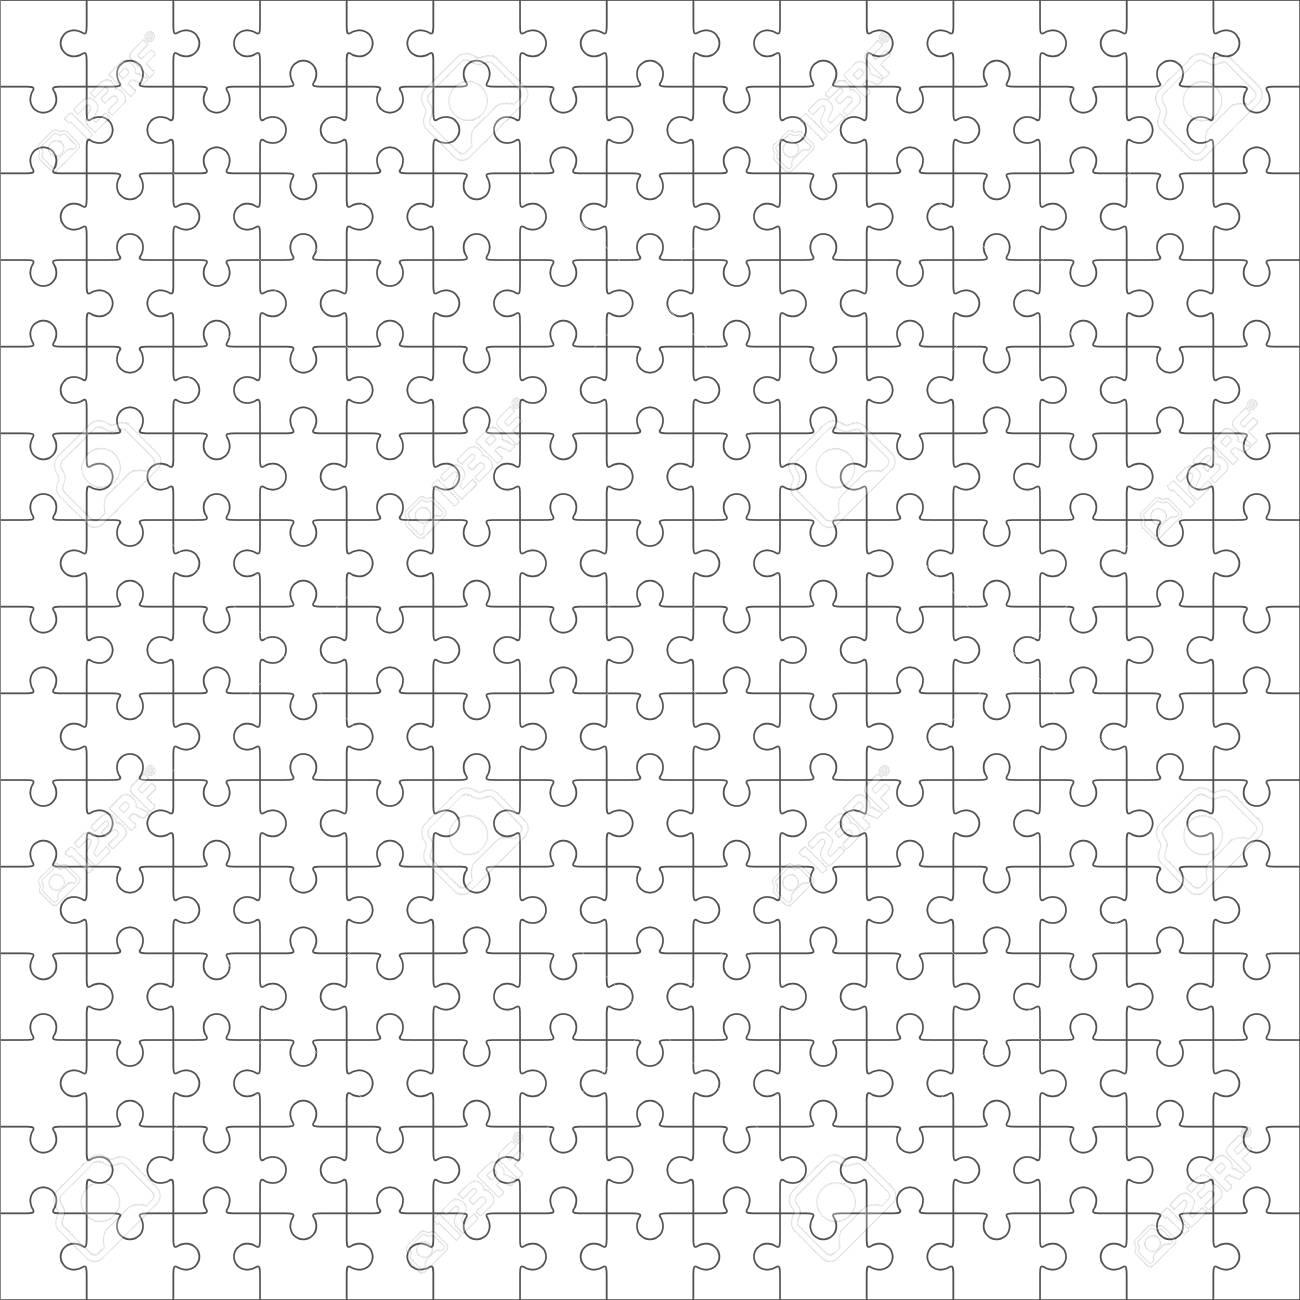 Fantastisch Puzzle Vorlage 30 Stück Fotos - Beispielzusammenfassung ...